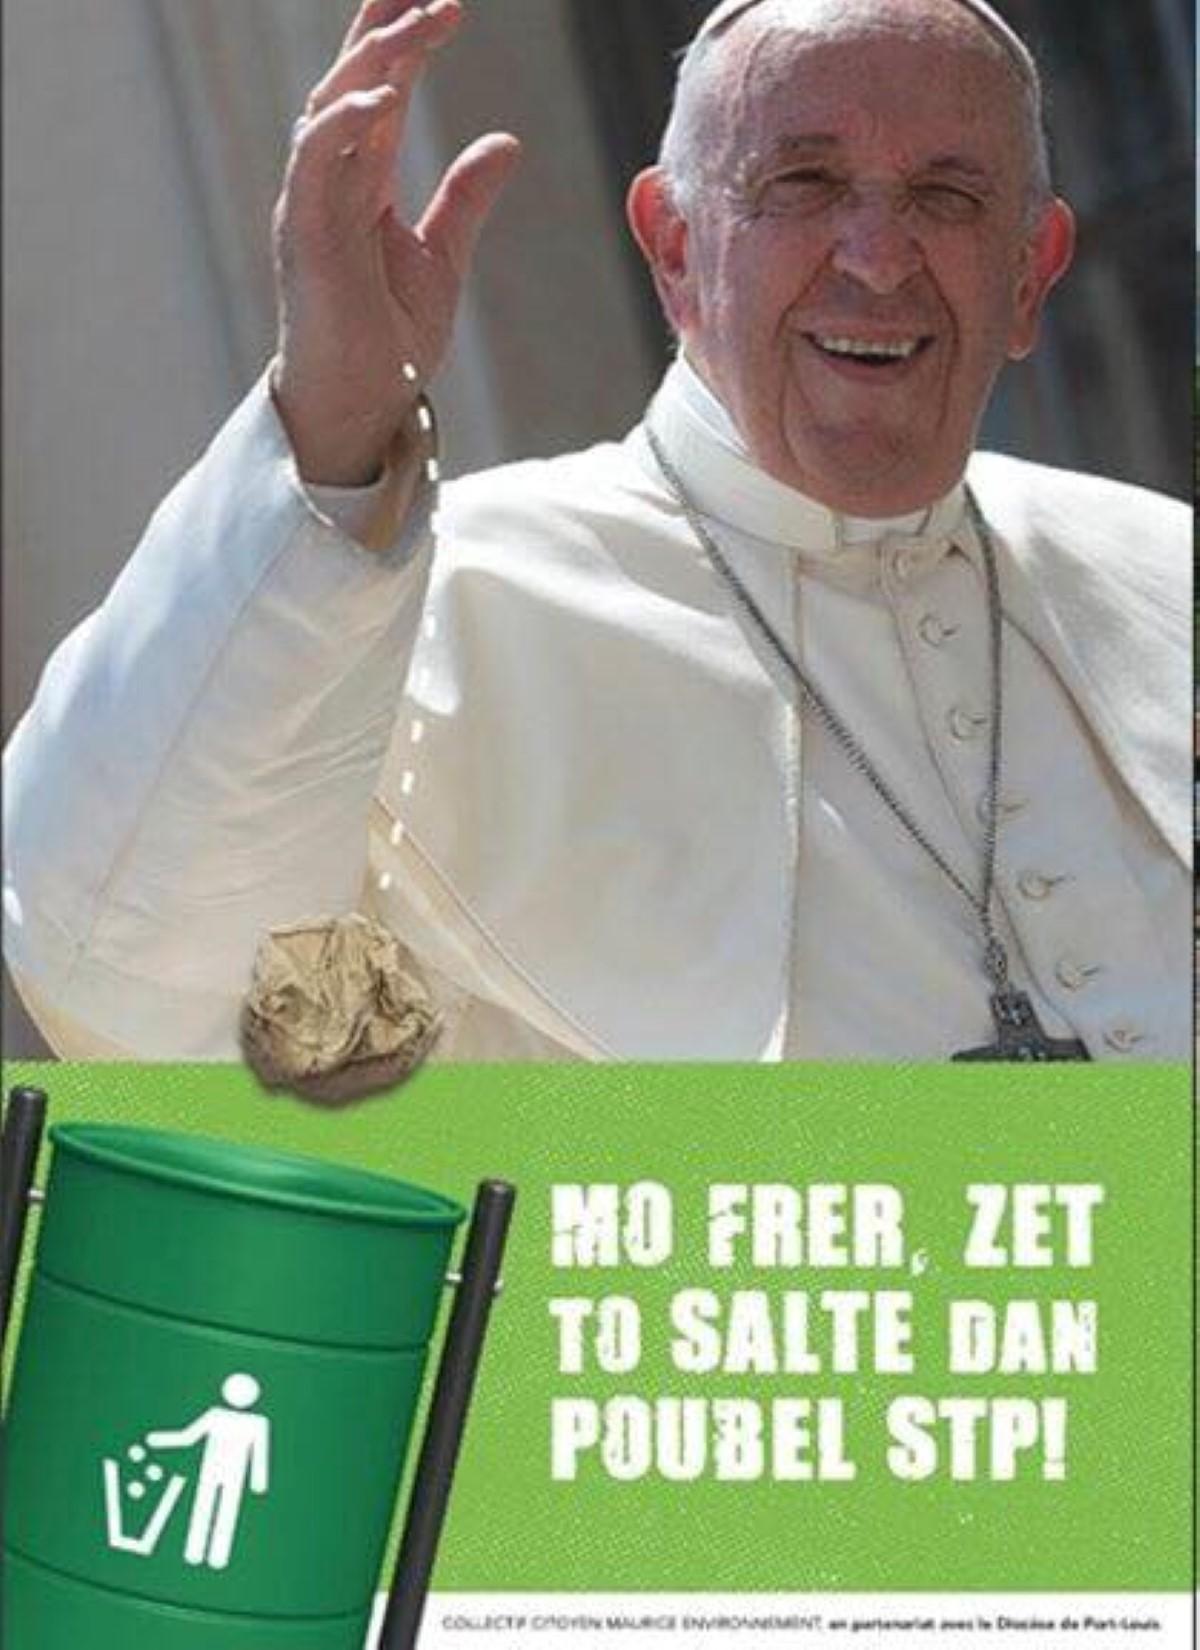 Le diocèse de Port-Louis fait enlever les affiches polémiques «Le pape a dit…»